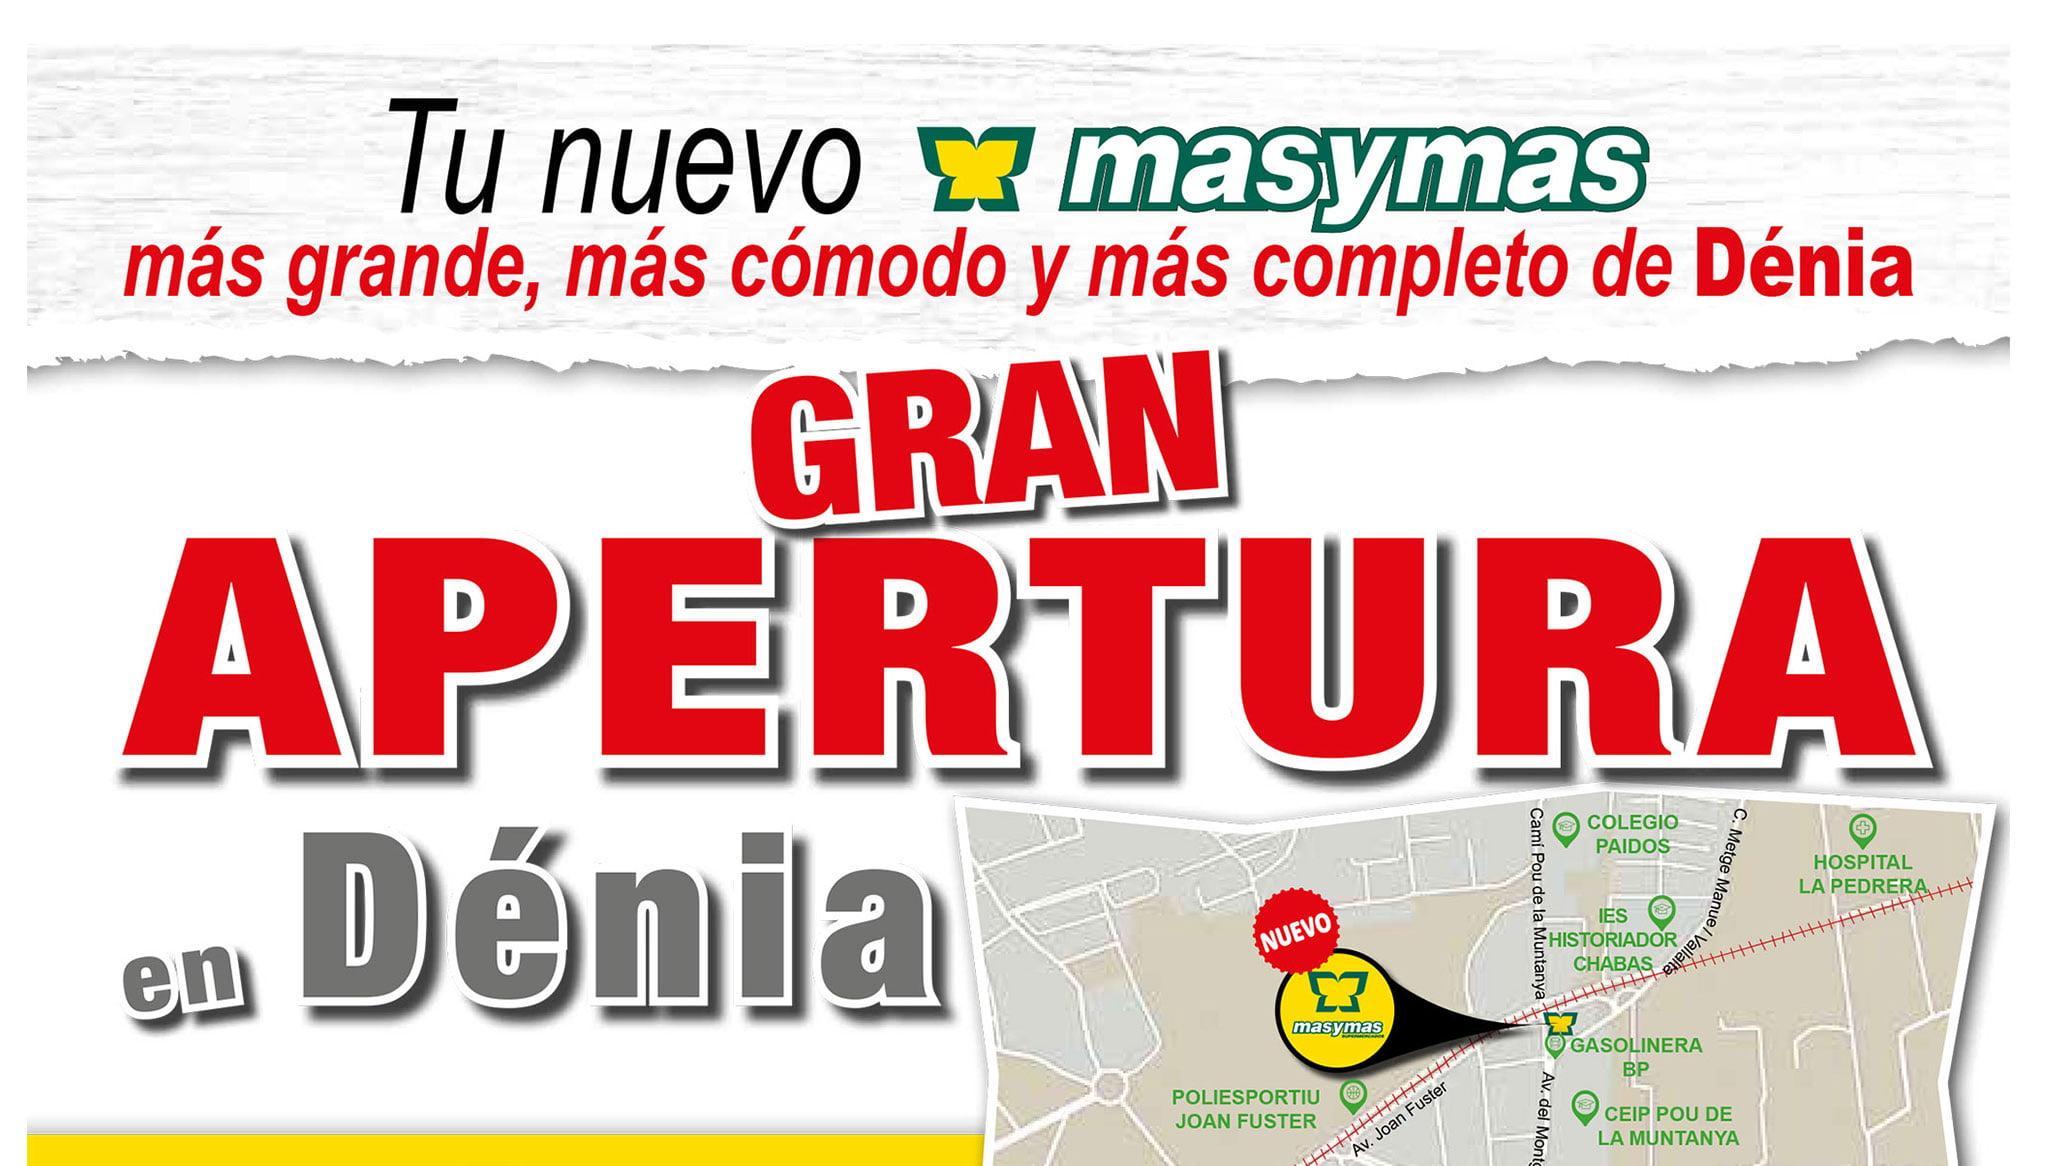 Fullet sobre l'obertura de la nova supermercat Mas i Mas a Dénia